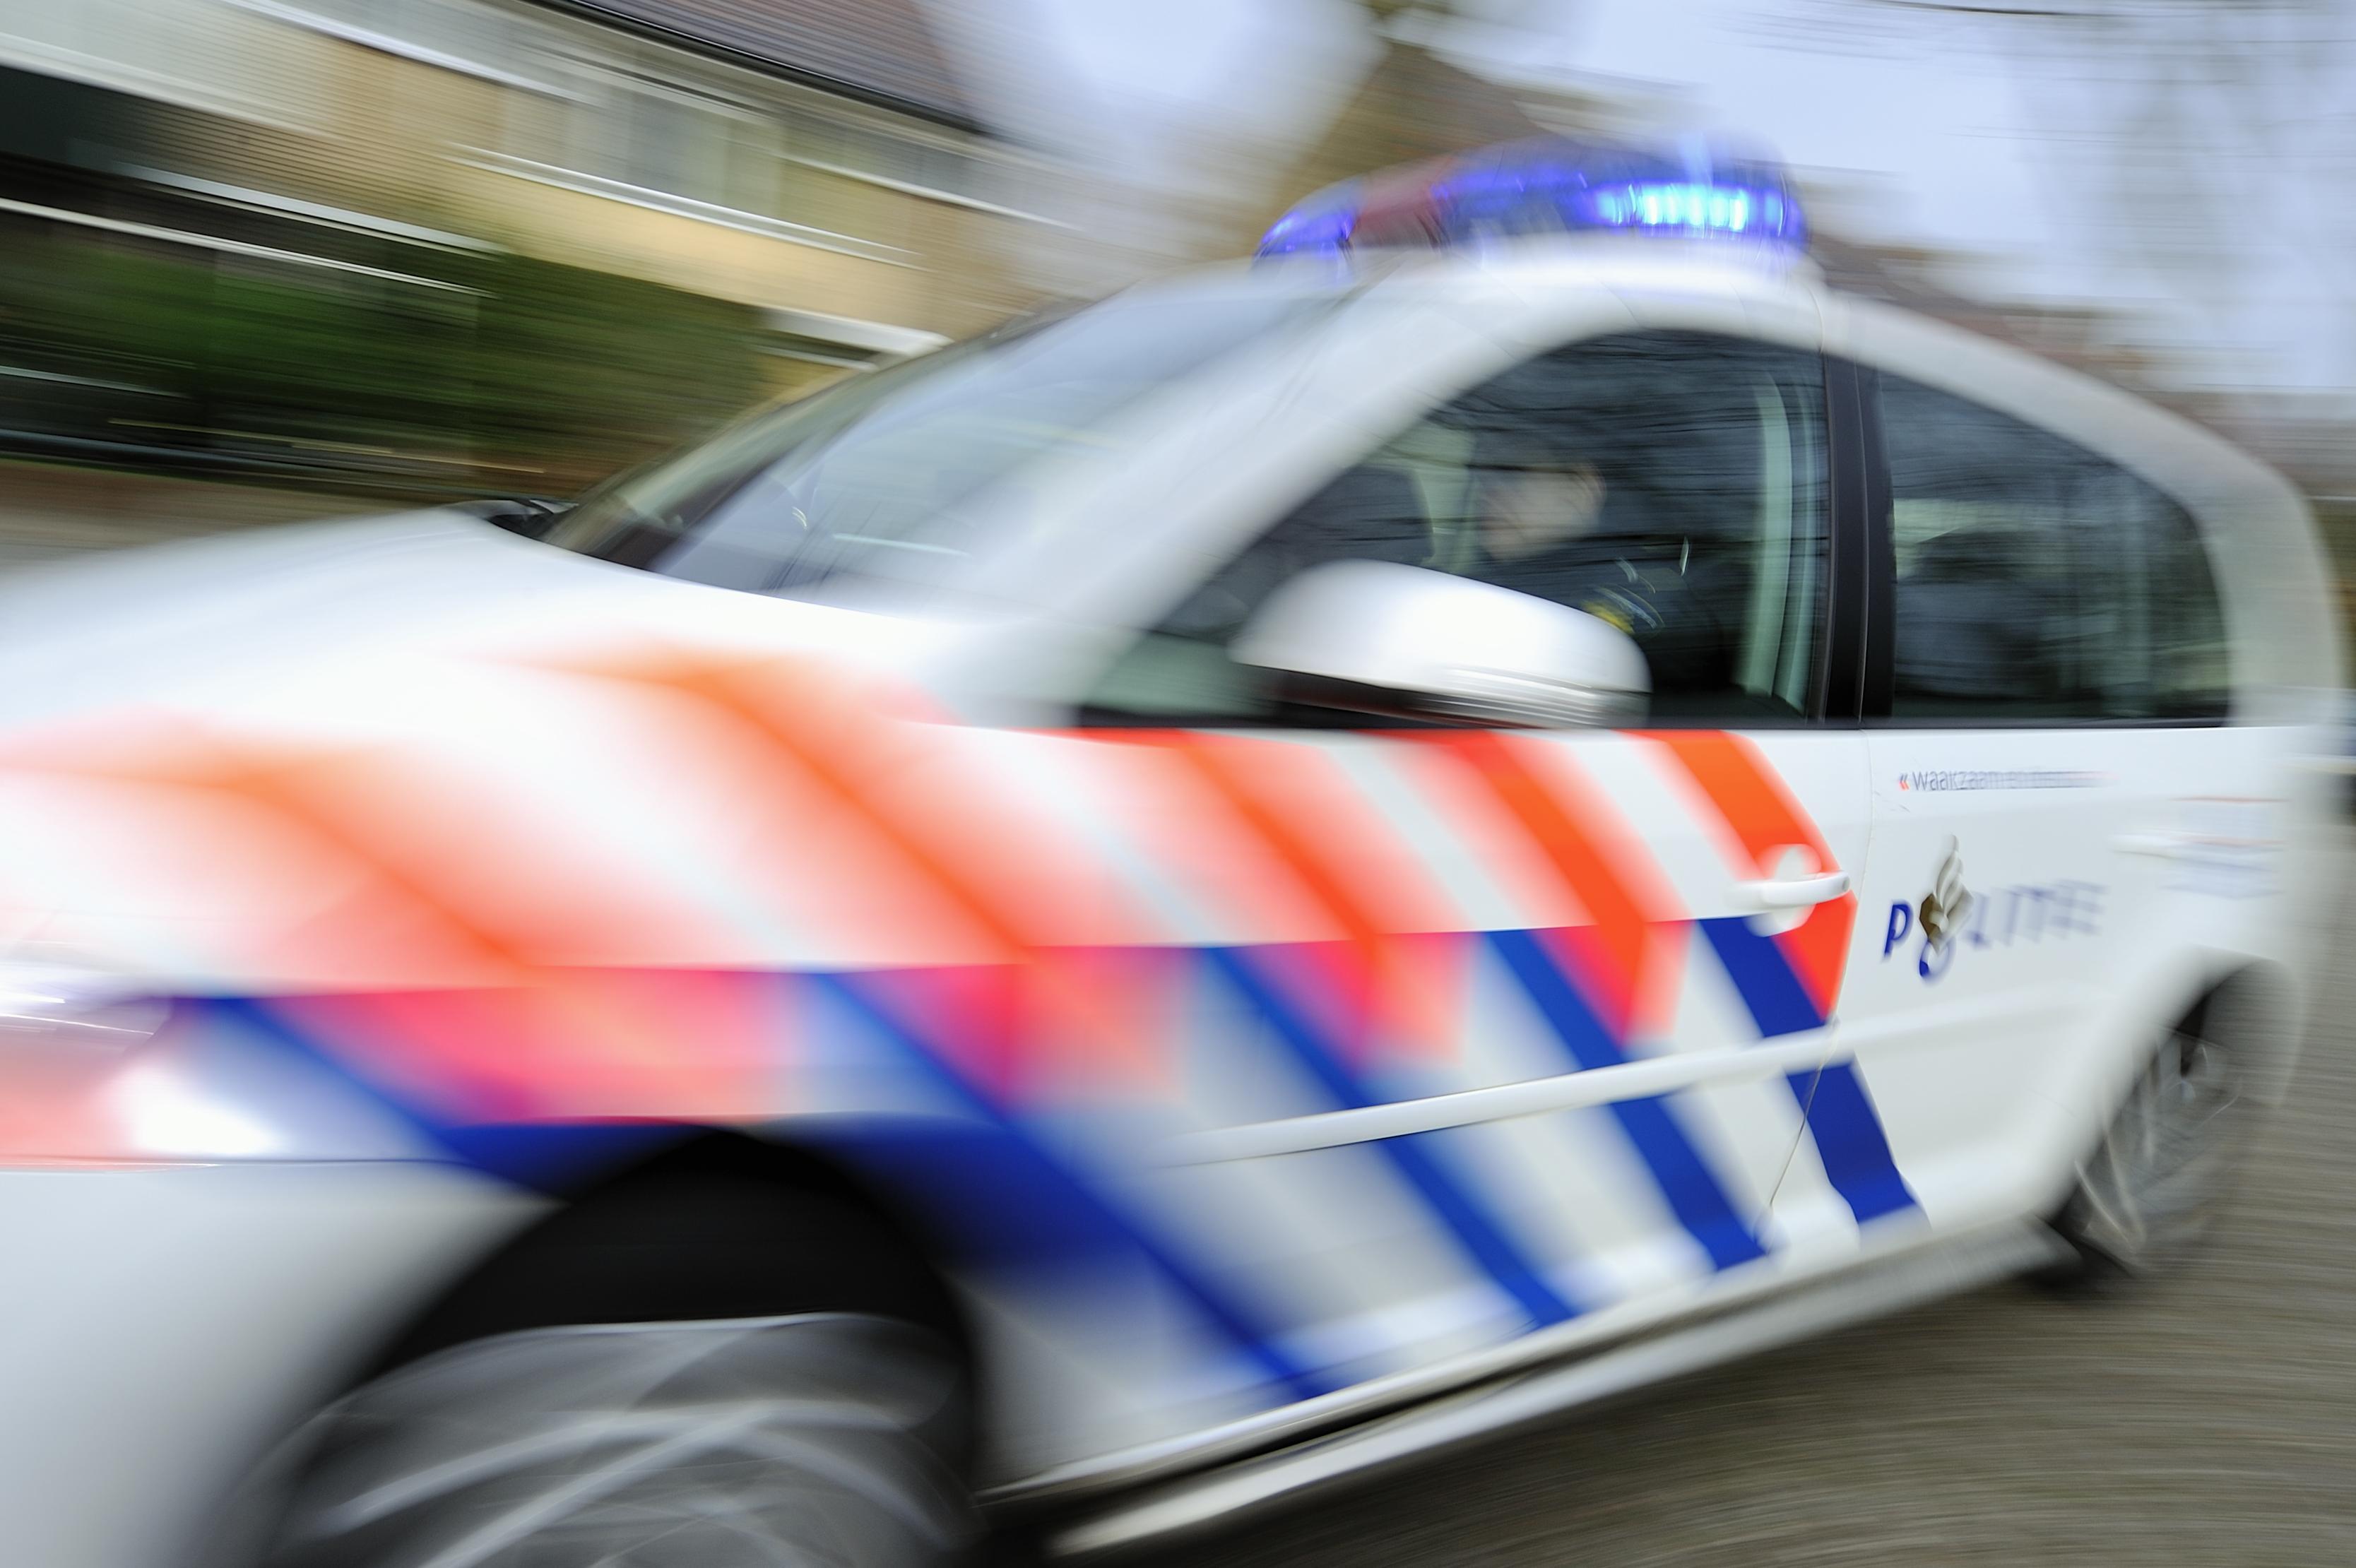 Vijf mannen aangehouden na geweld in Beverwijk, handhaver en agent gewond